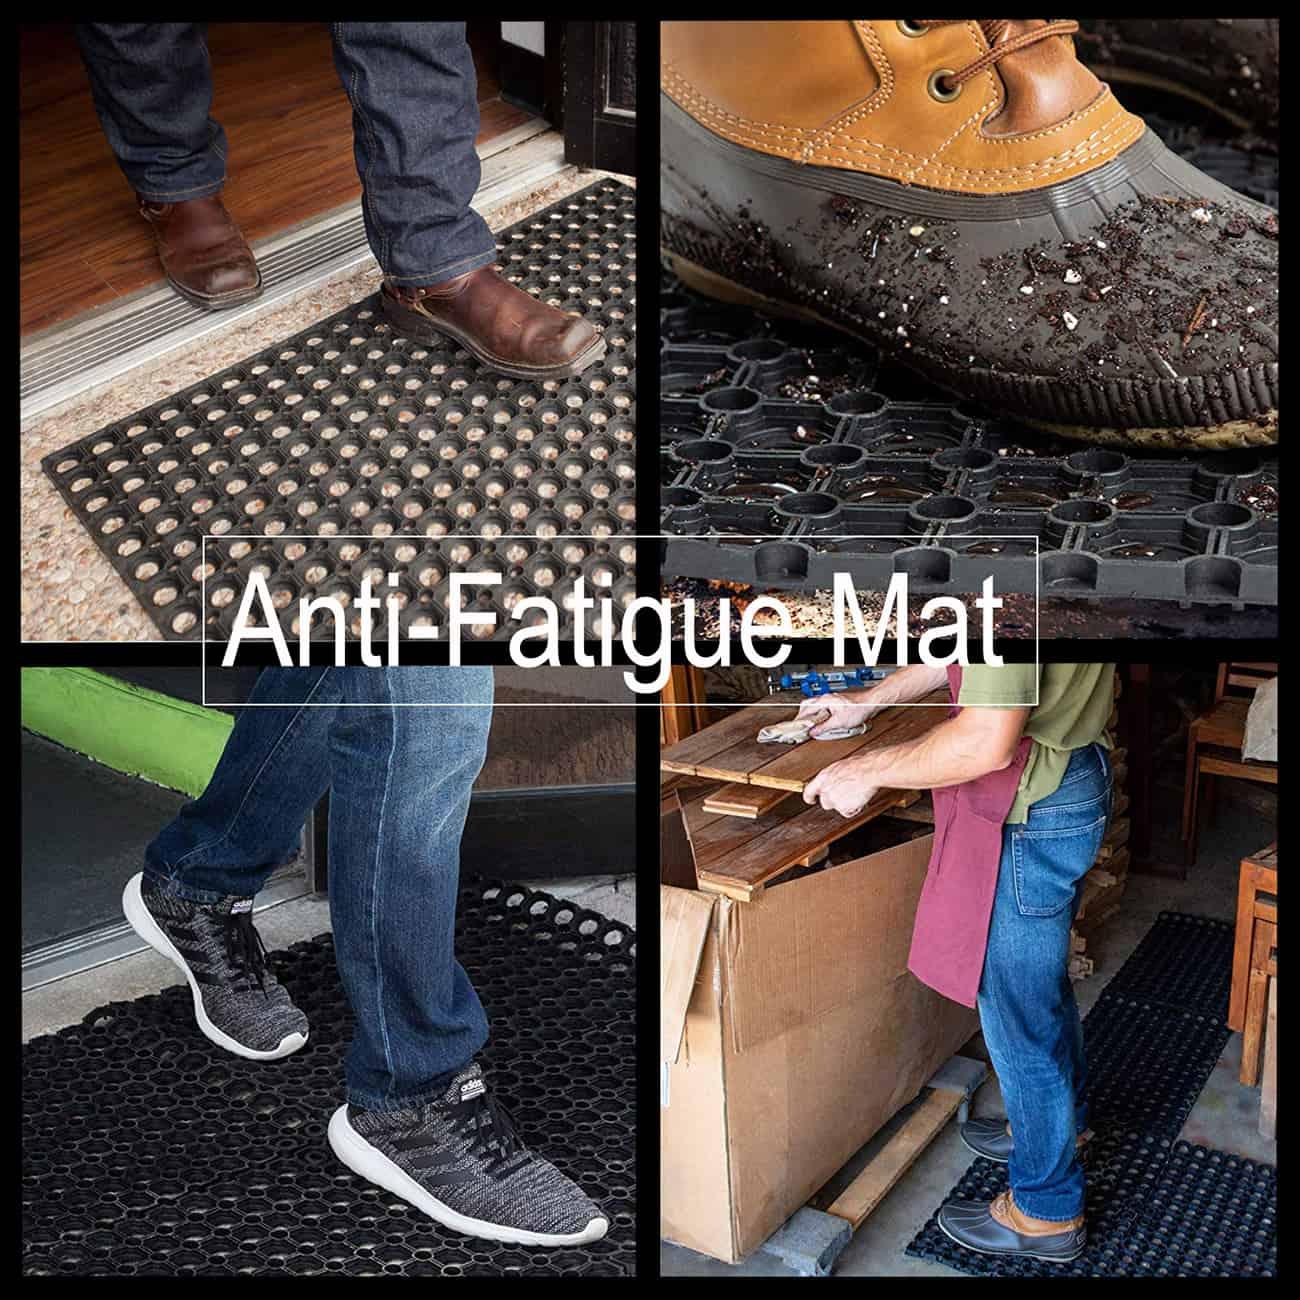 Outdoor Interlocking Rubber Floor Mat Anti-Fatigue Door Mat 24Lx16W Black